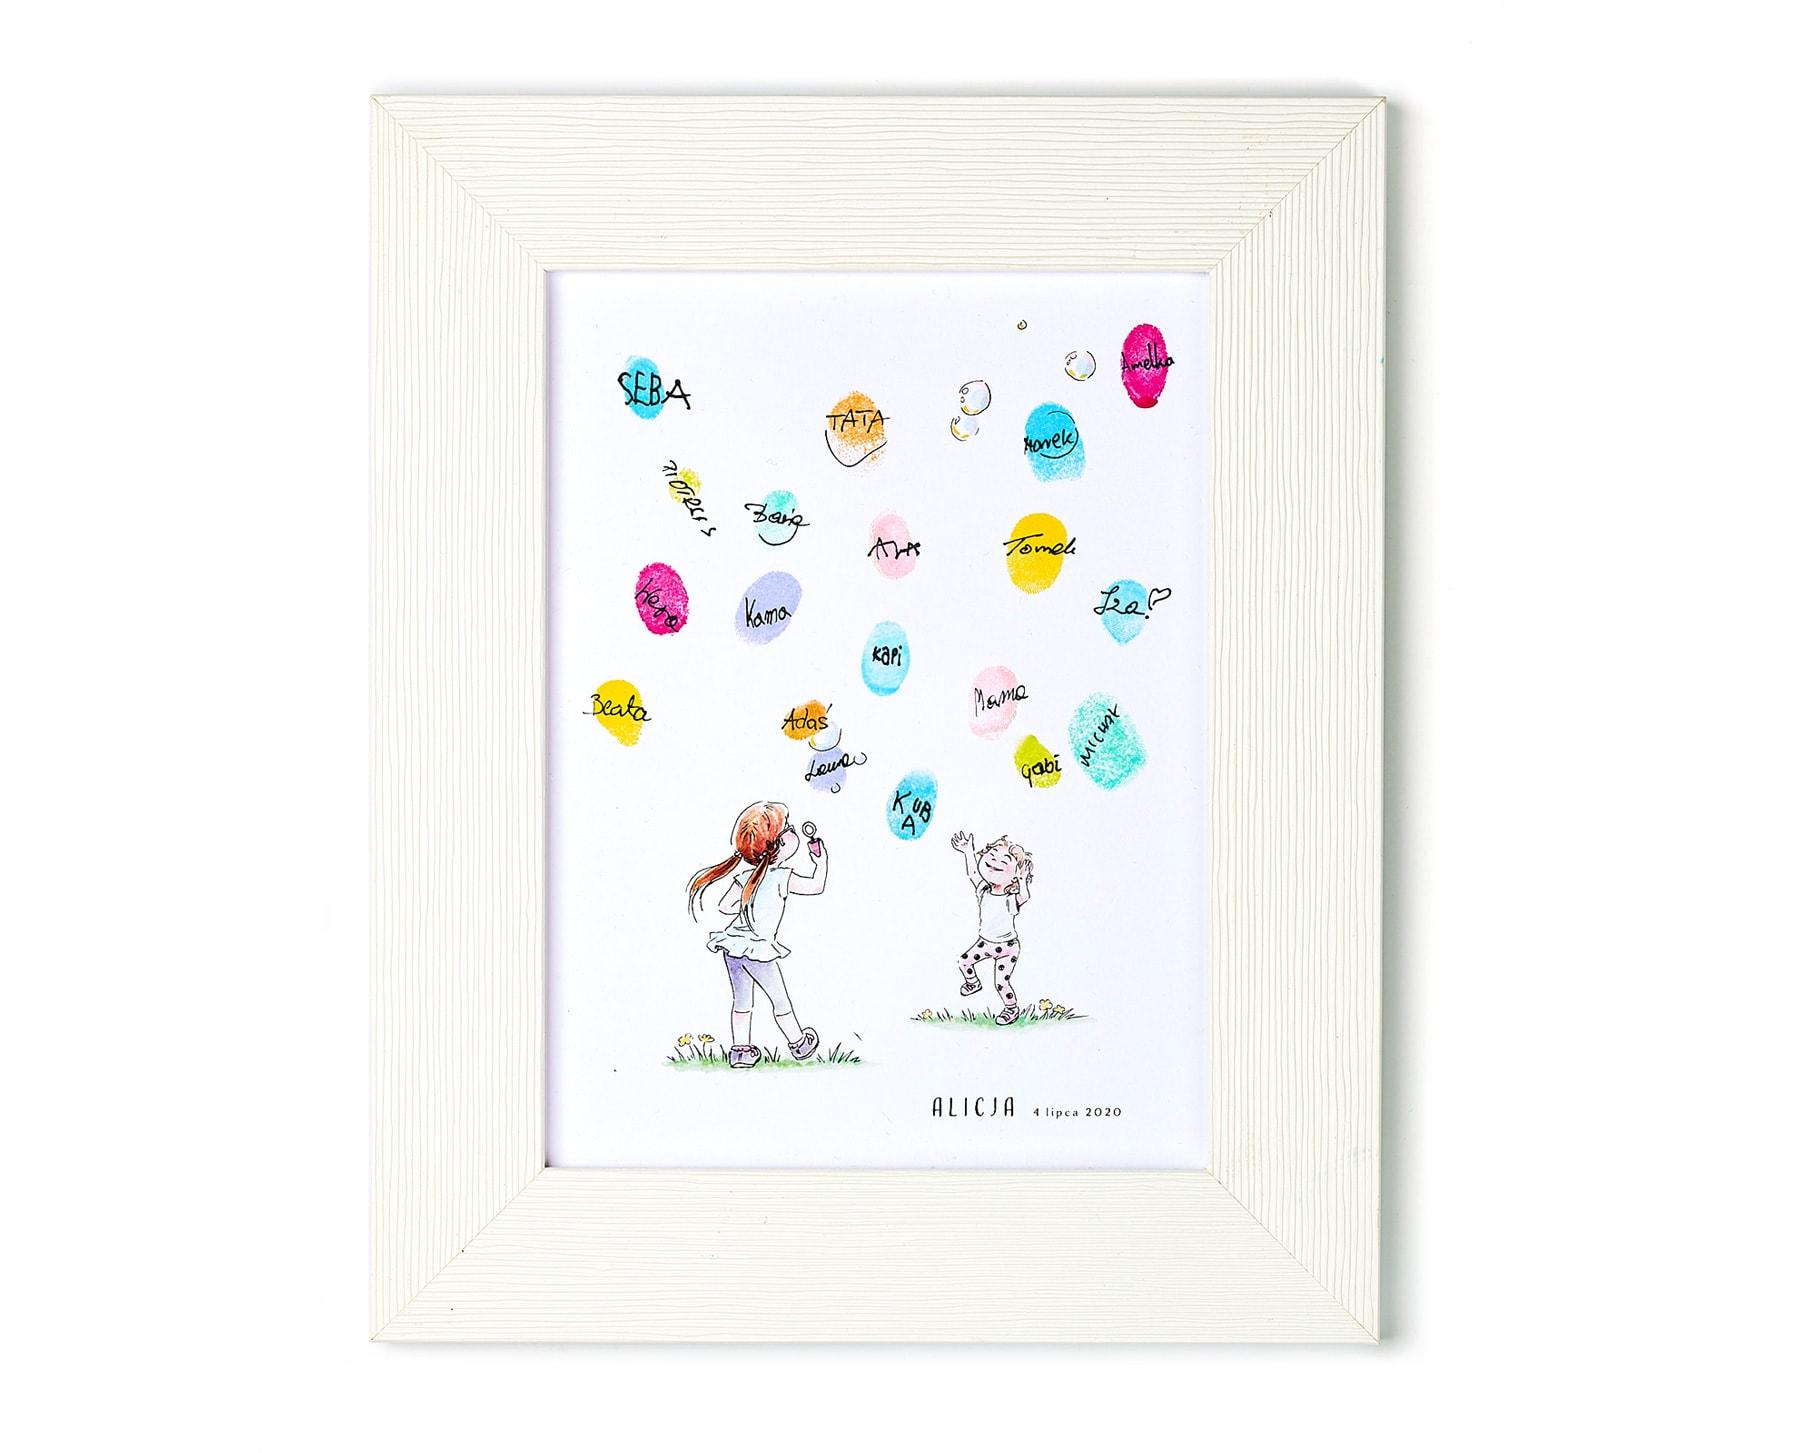 Pamiątka urodzinowa, obrazek w ramce, bańki mydlane z odcisków palców